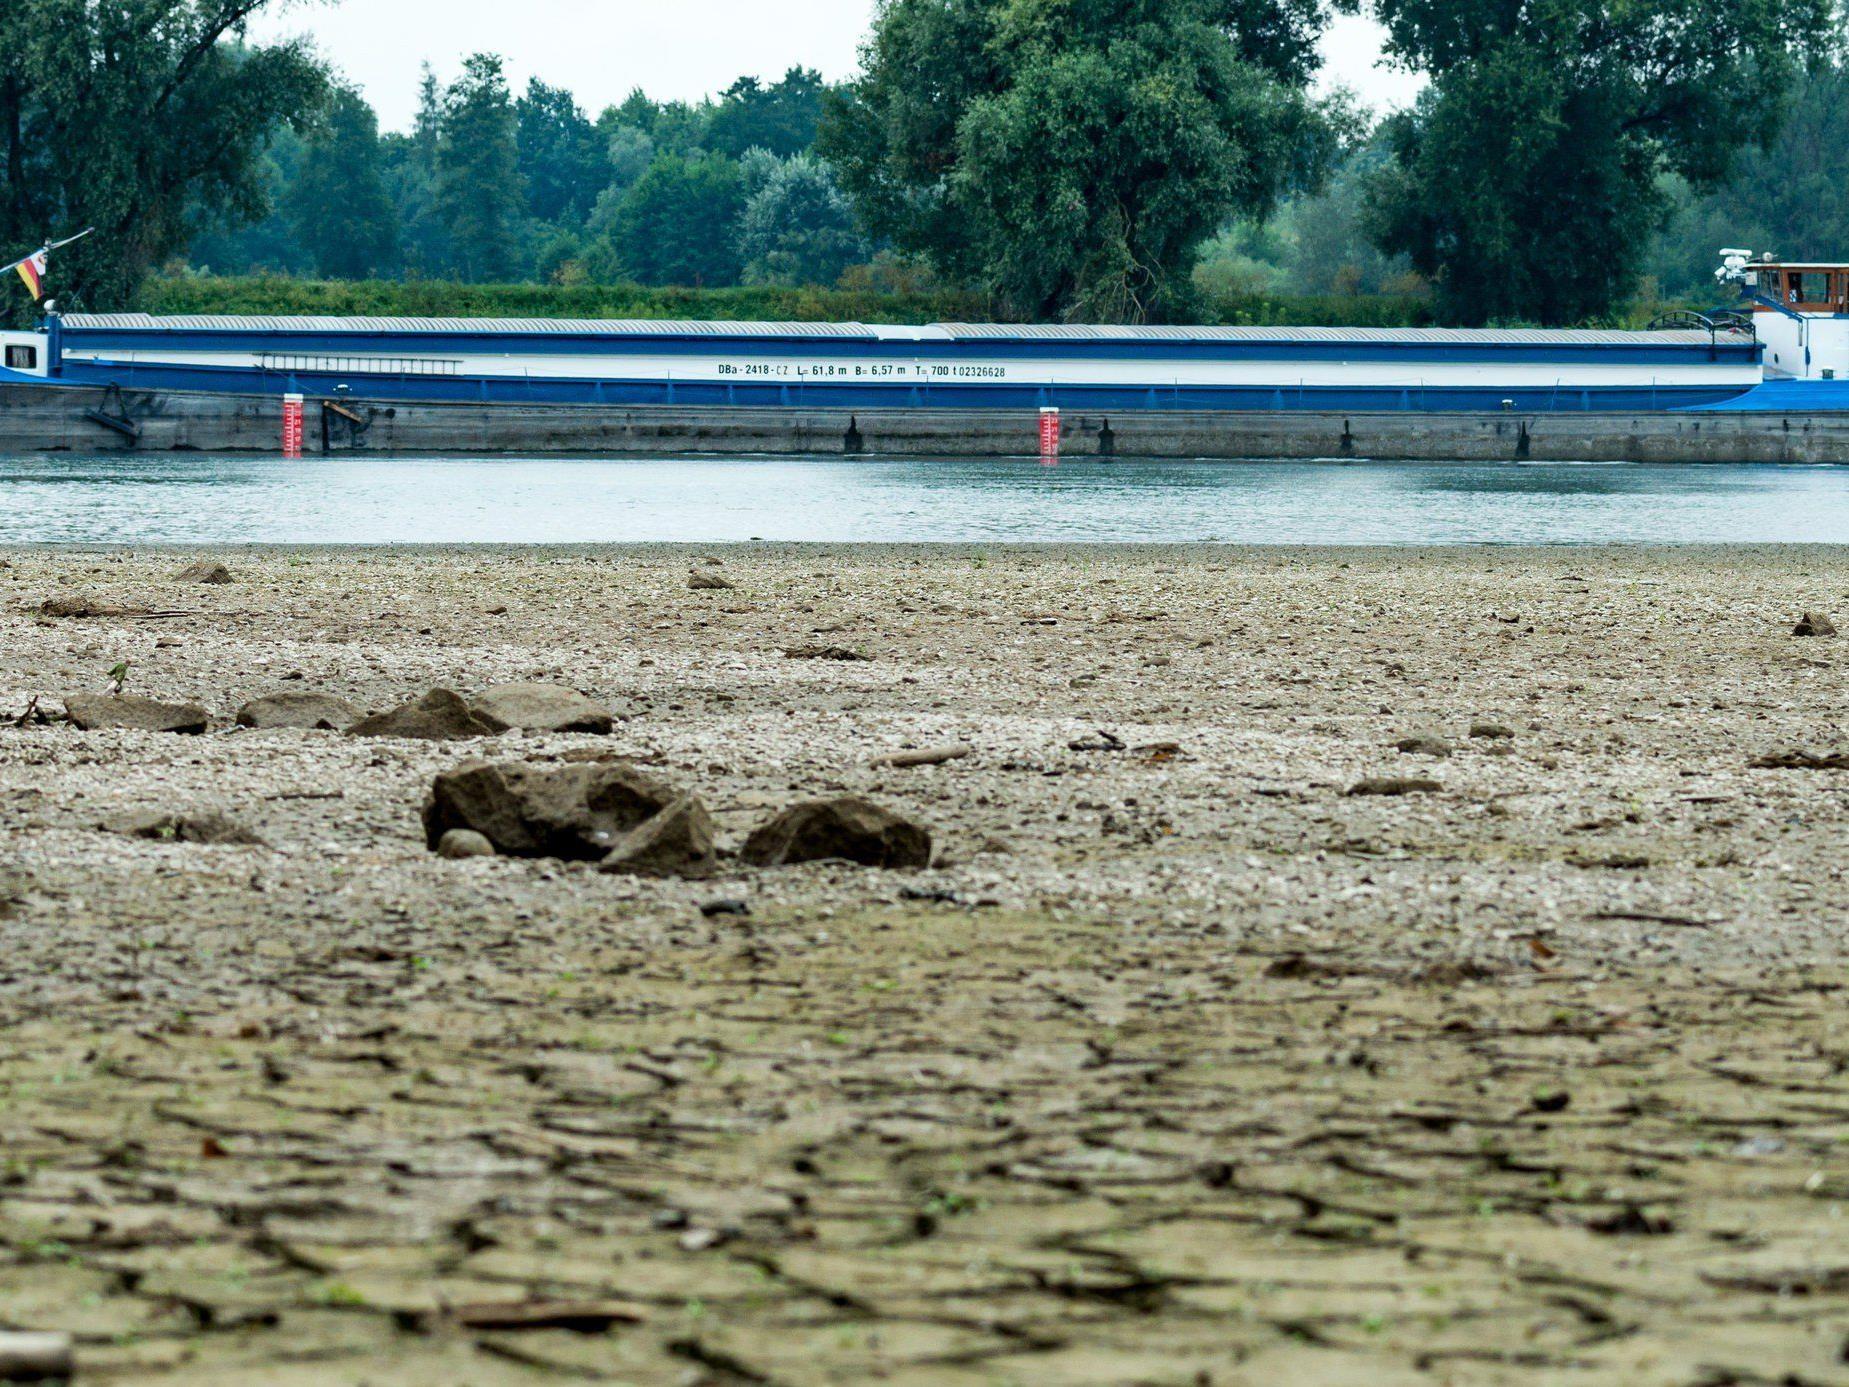 Die Trockenheit sorgt für eine angespannte Situation bei der Donauschifffahrt.